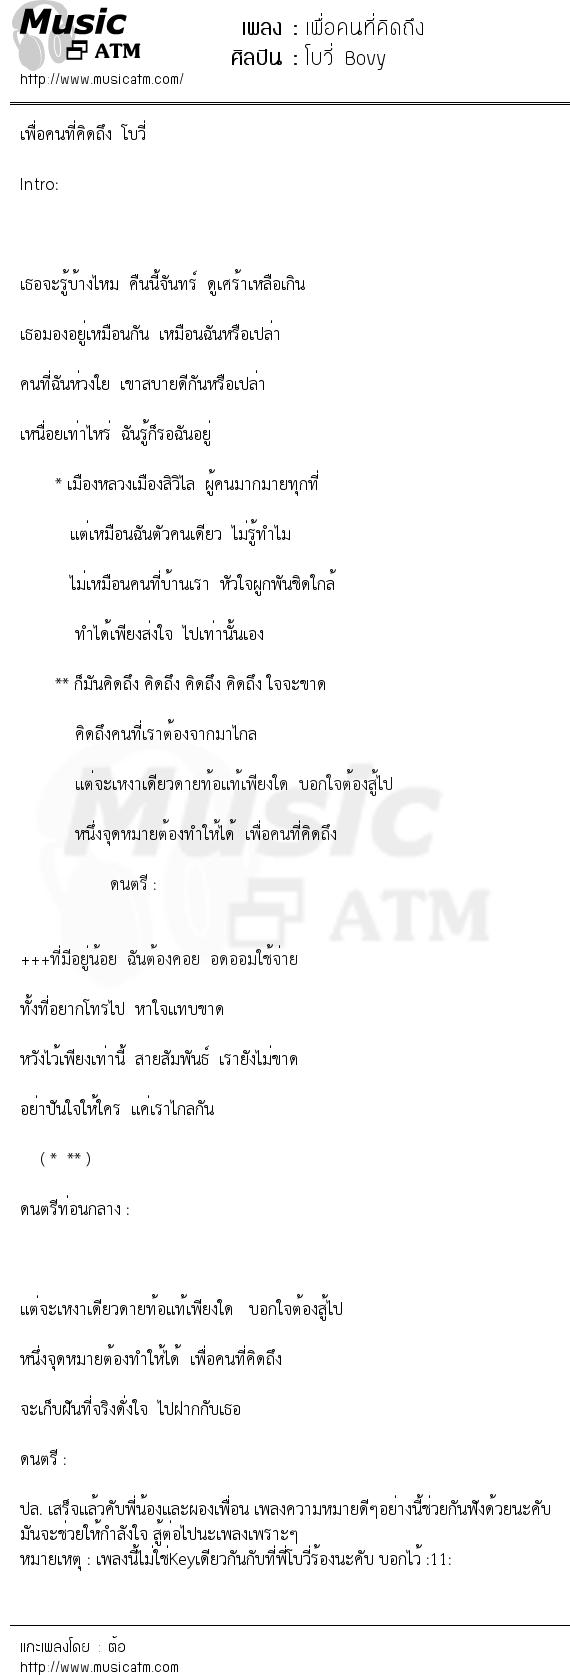 เนื้อเพลง เพื่อคนที่คิดถึง - โบวี่ Bovy | เพลงไทย